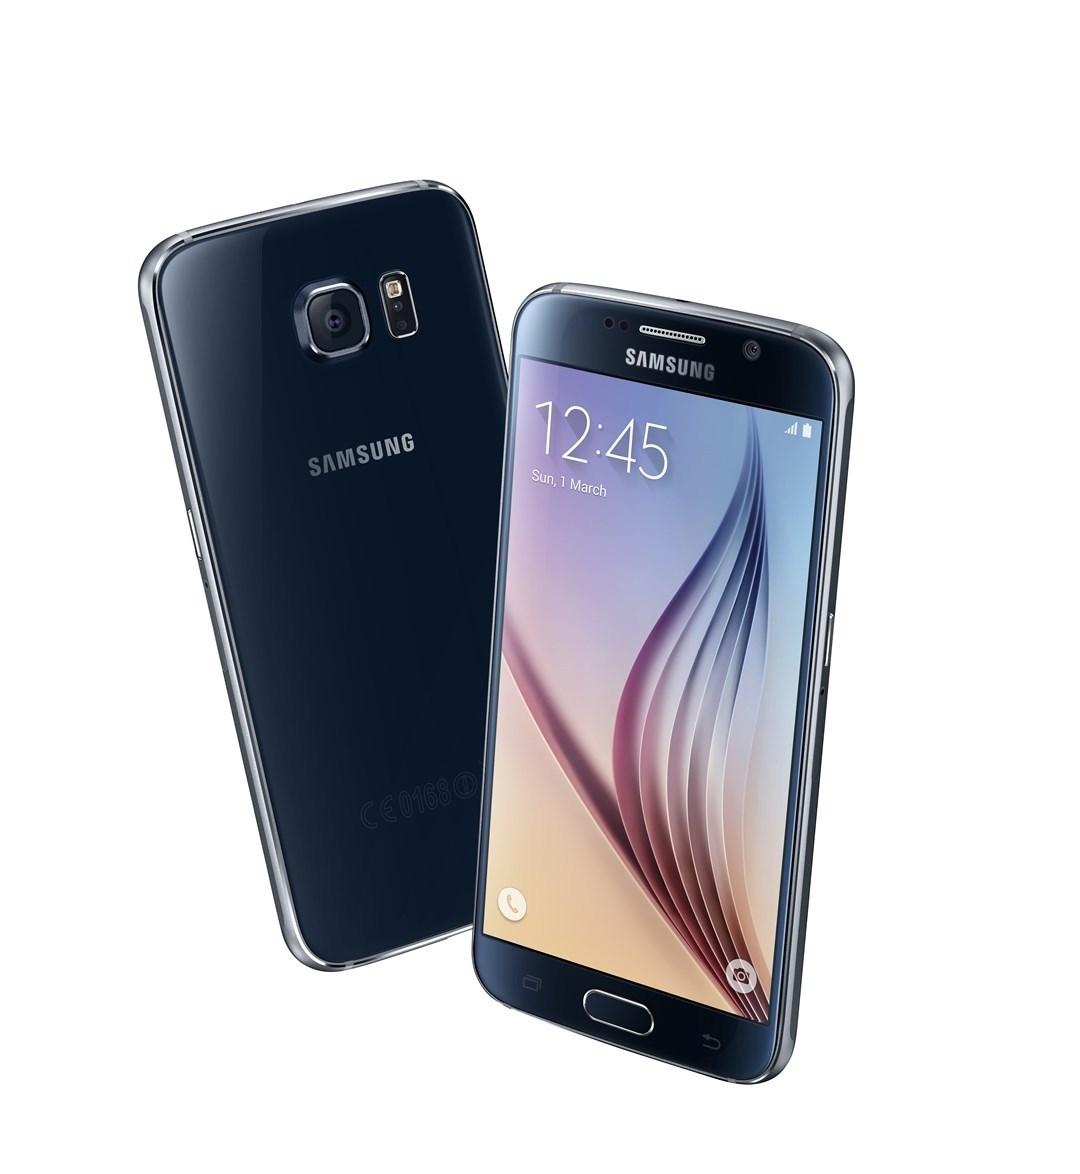 Samsung Galaxy S6 Für 1 Euro